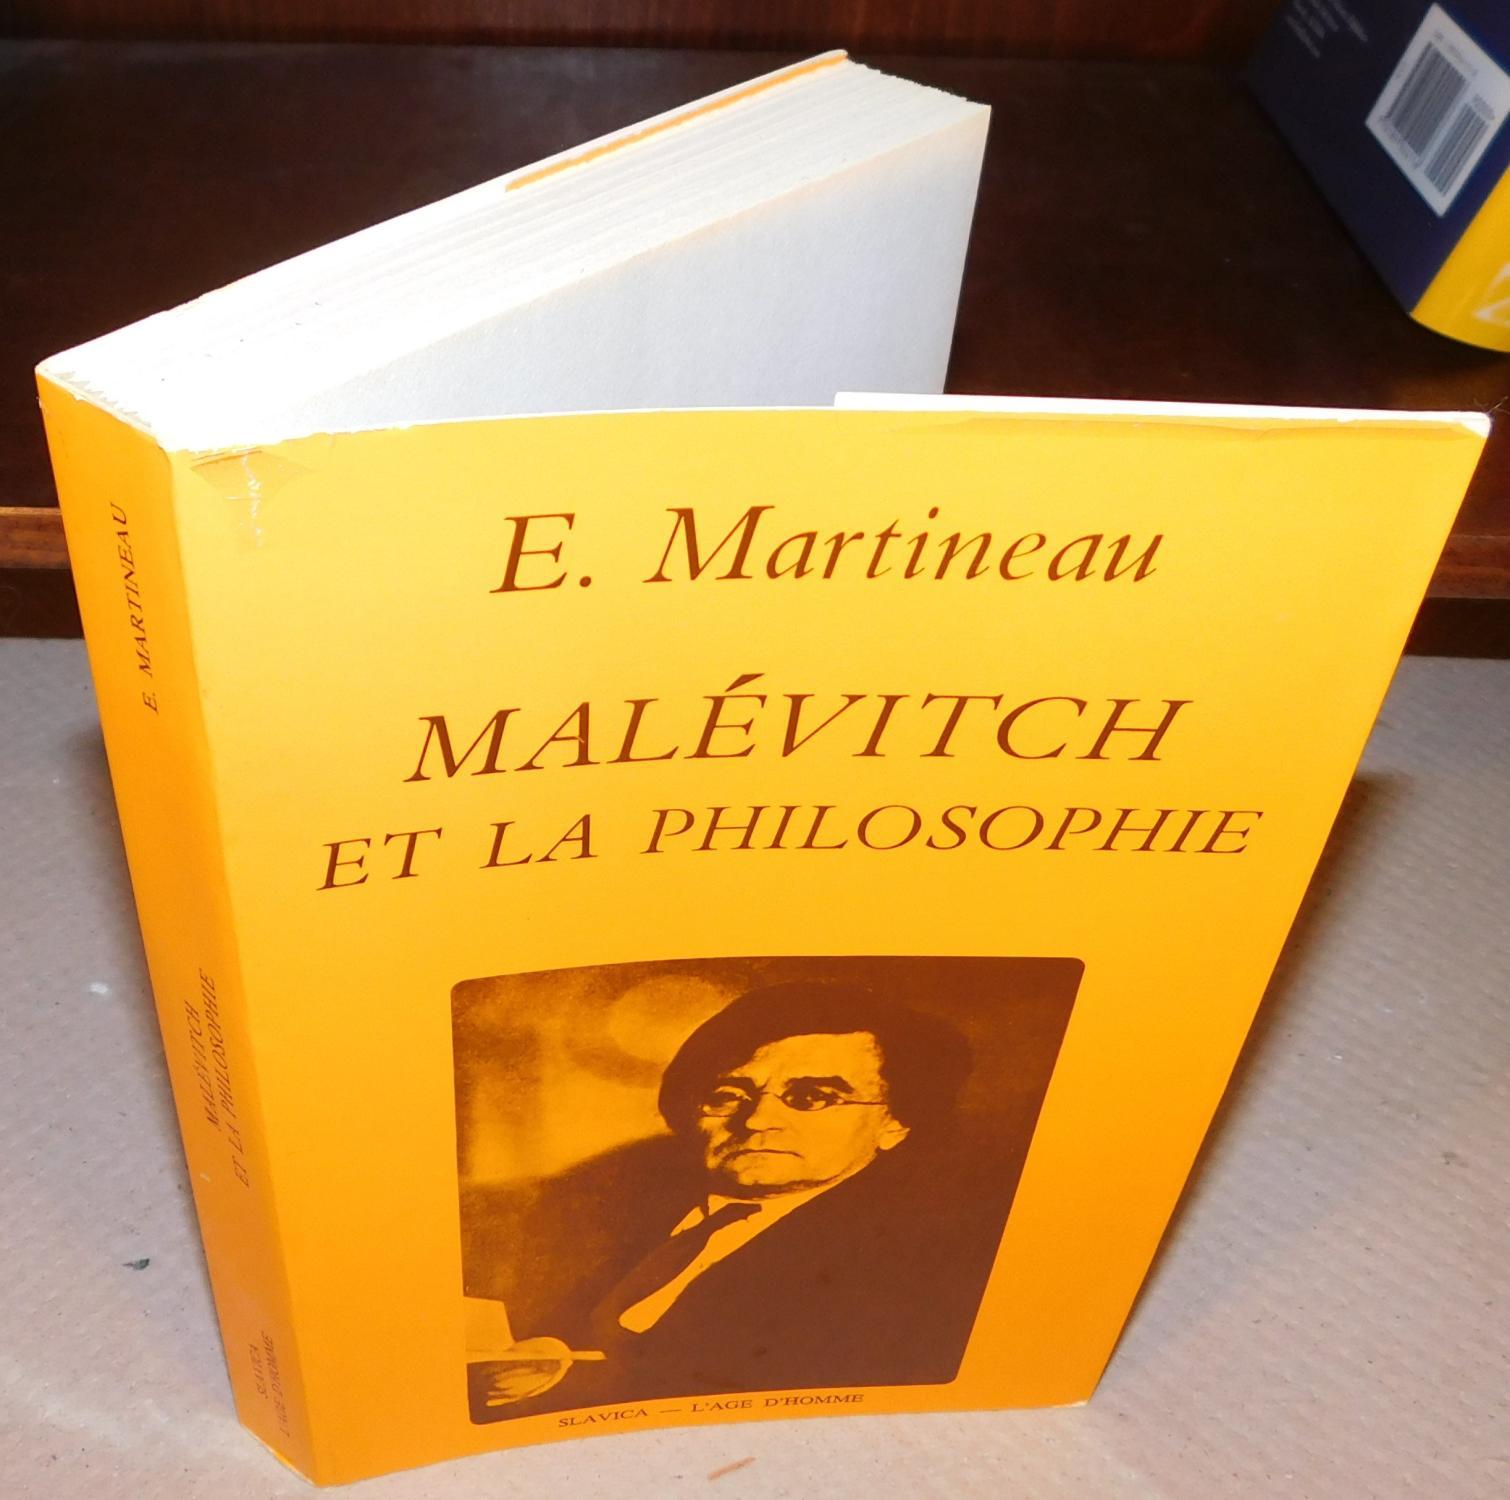 MALEVITCH ET LA PHILOSOPHIE la question de la peinture abstraite by  MARTINEAU, E.: Très bon Couverture souple (1977) | Librairie Montréal